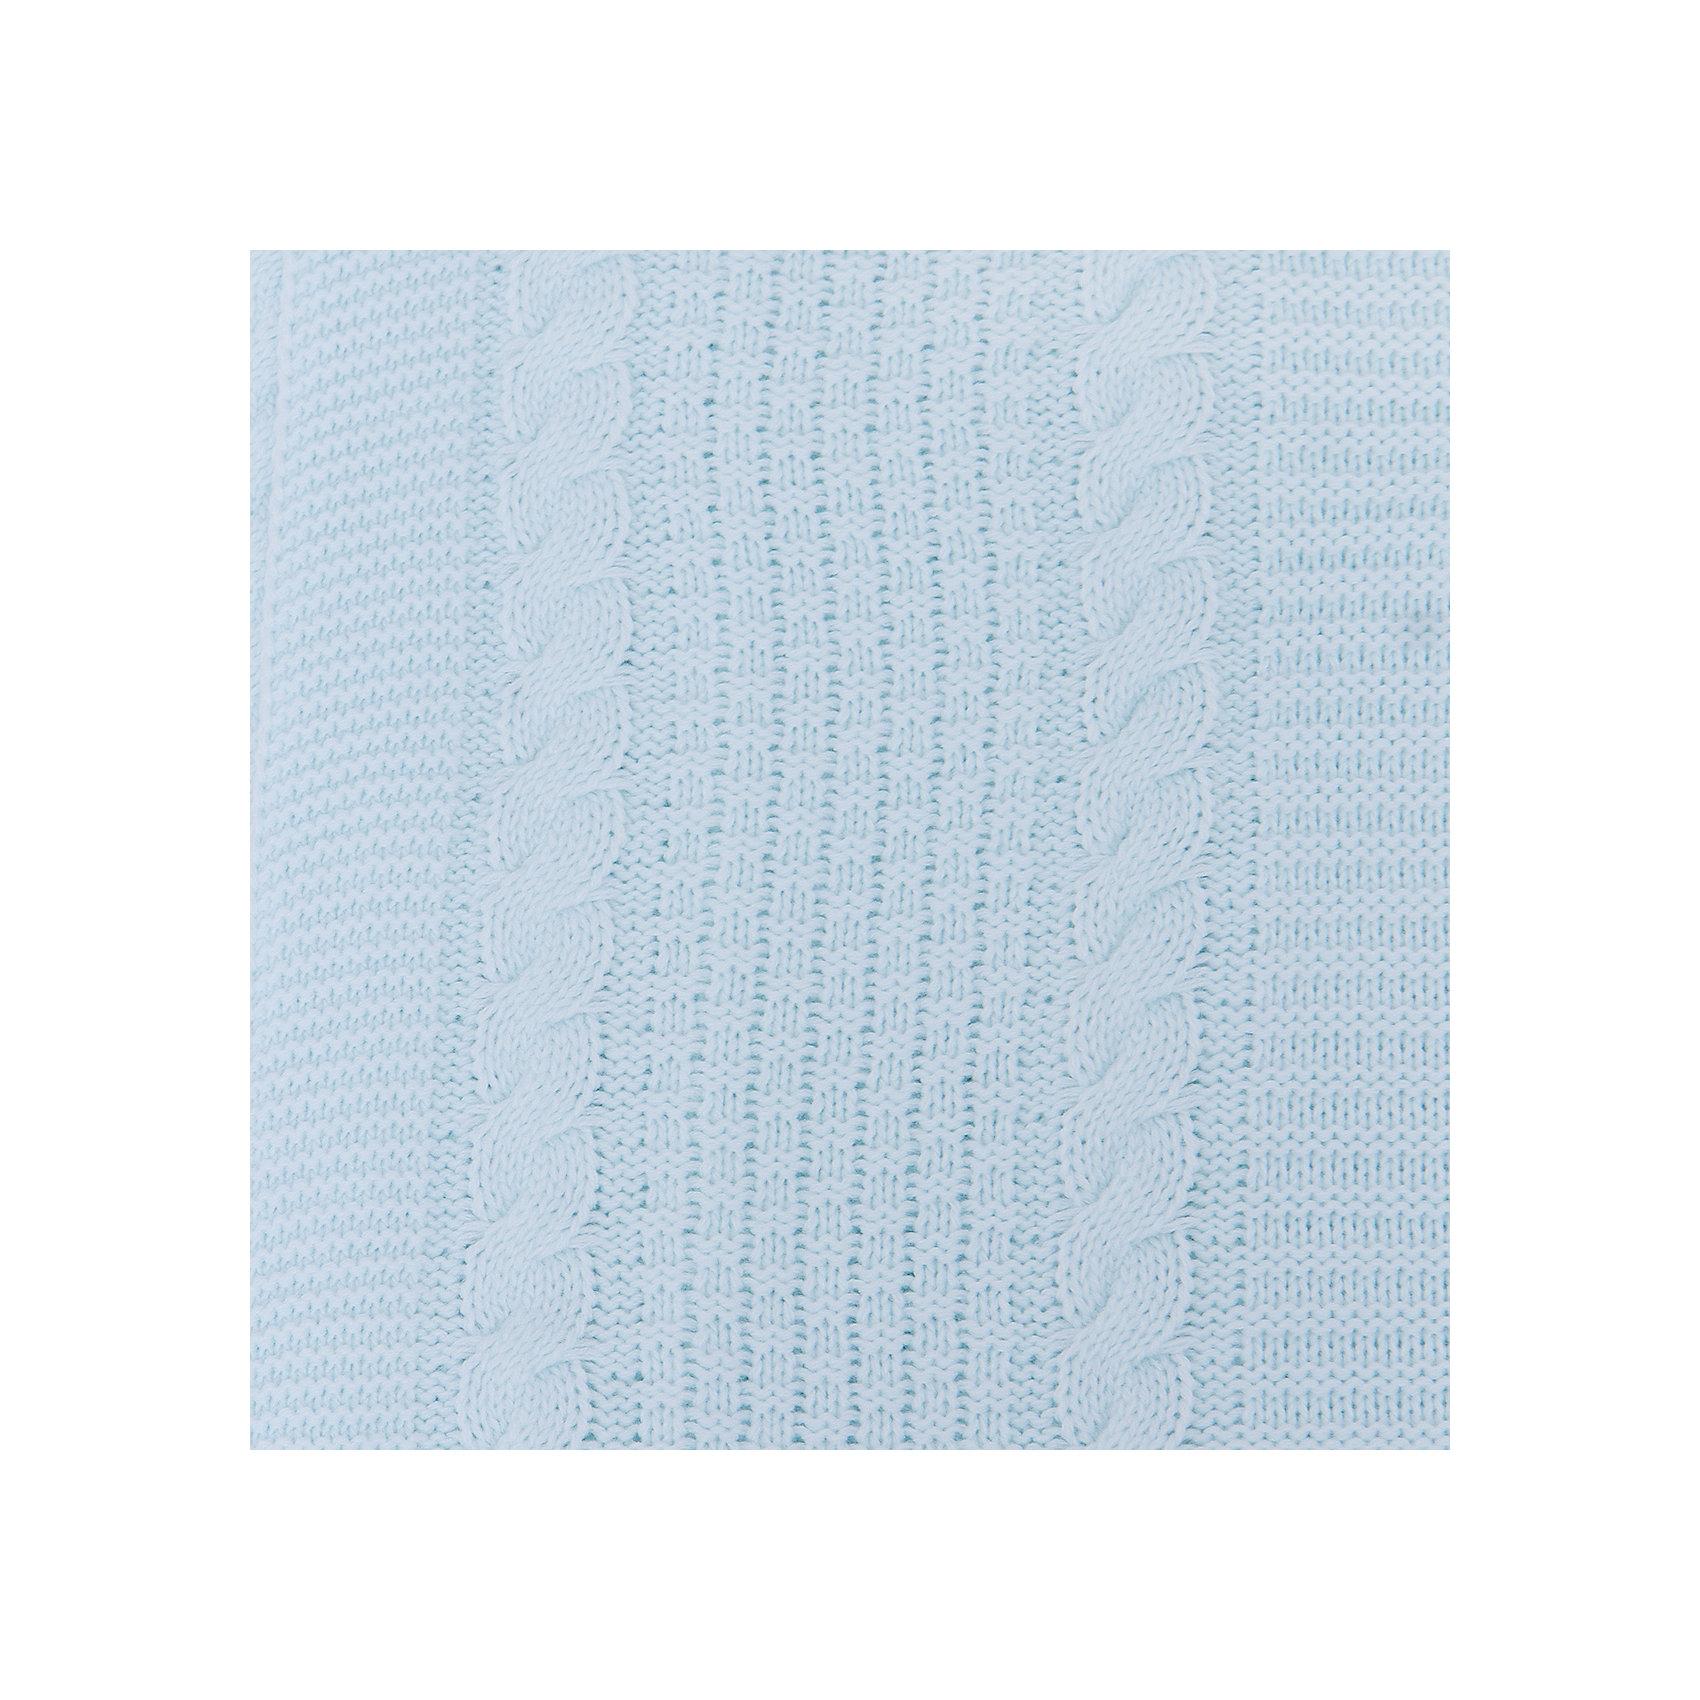 Комплект на выписку летний, Сонный гномик, голубой